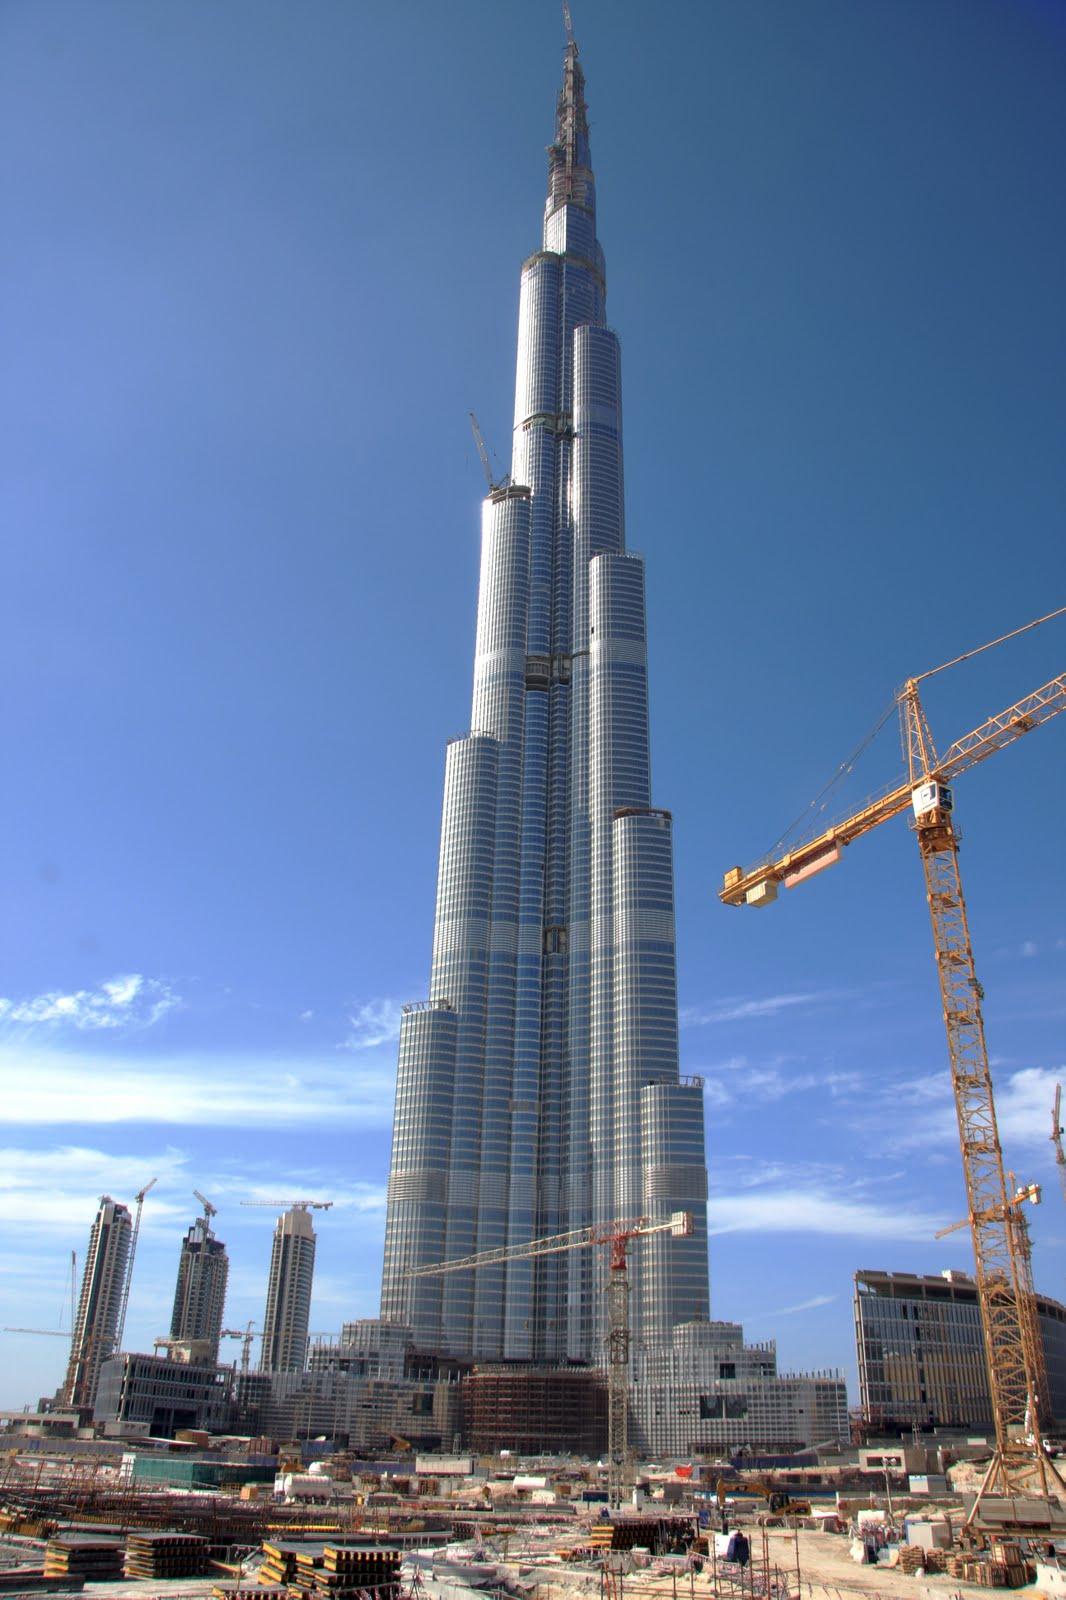 http://3.bp.blogspot.com/-j5fElABhO18/Tc4TZqM1fdI/AAAAAAAACio/nS2imuWabV0/s1600/Burj_Dubai+%252813%2529.jpeg